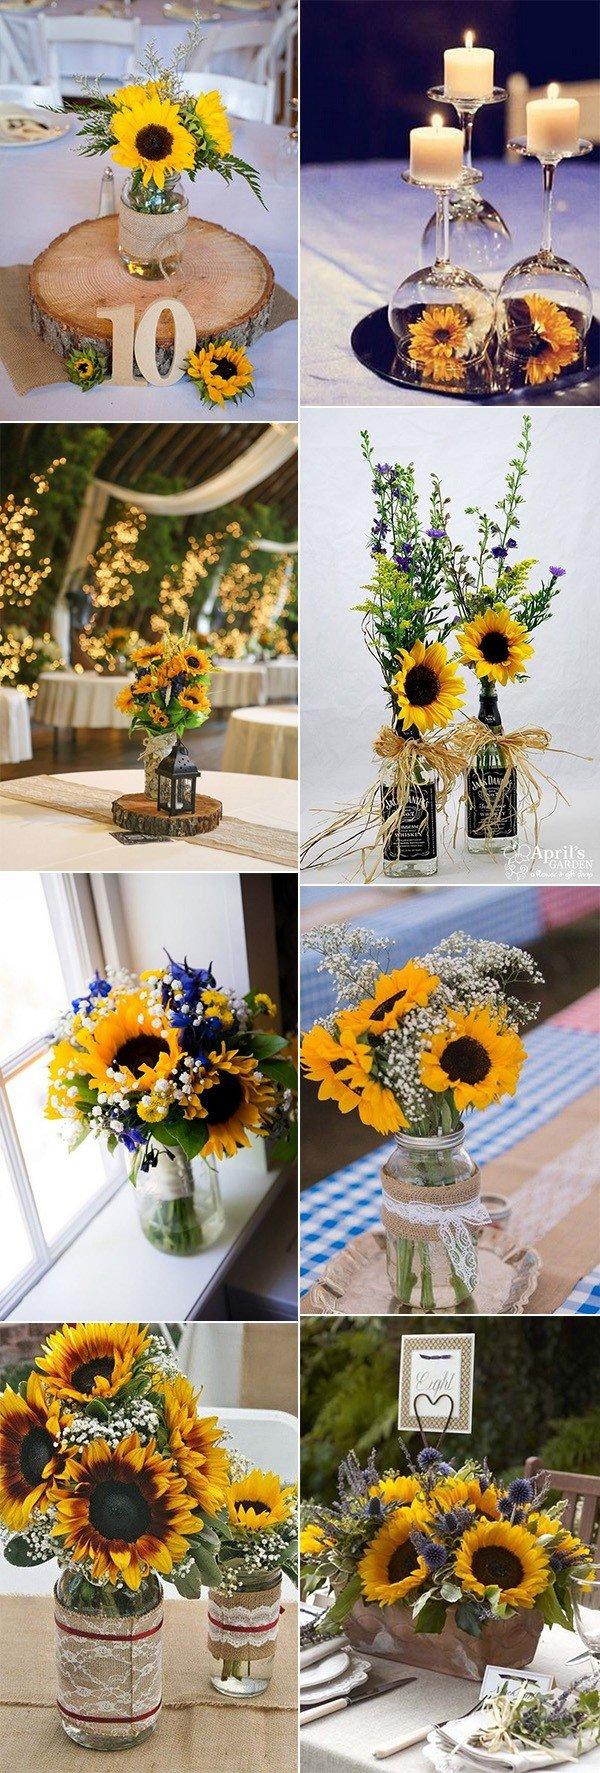 18 Cheerful Sunflower Wedding Centerpiece Ideas Oh Best Day Ever